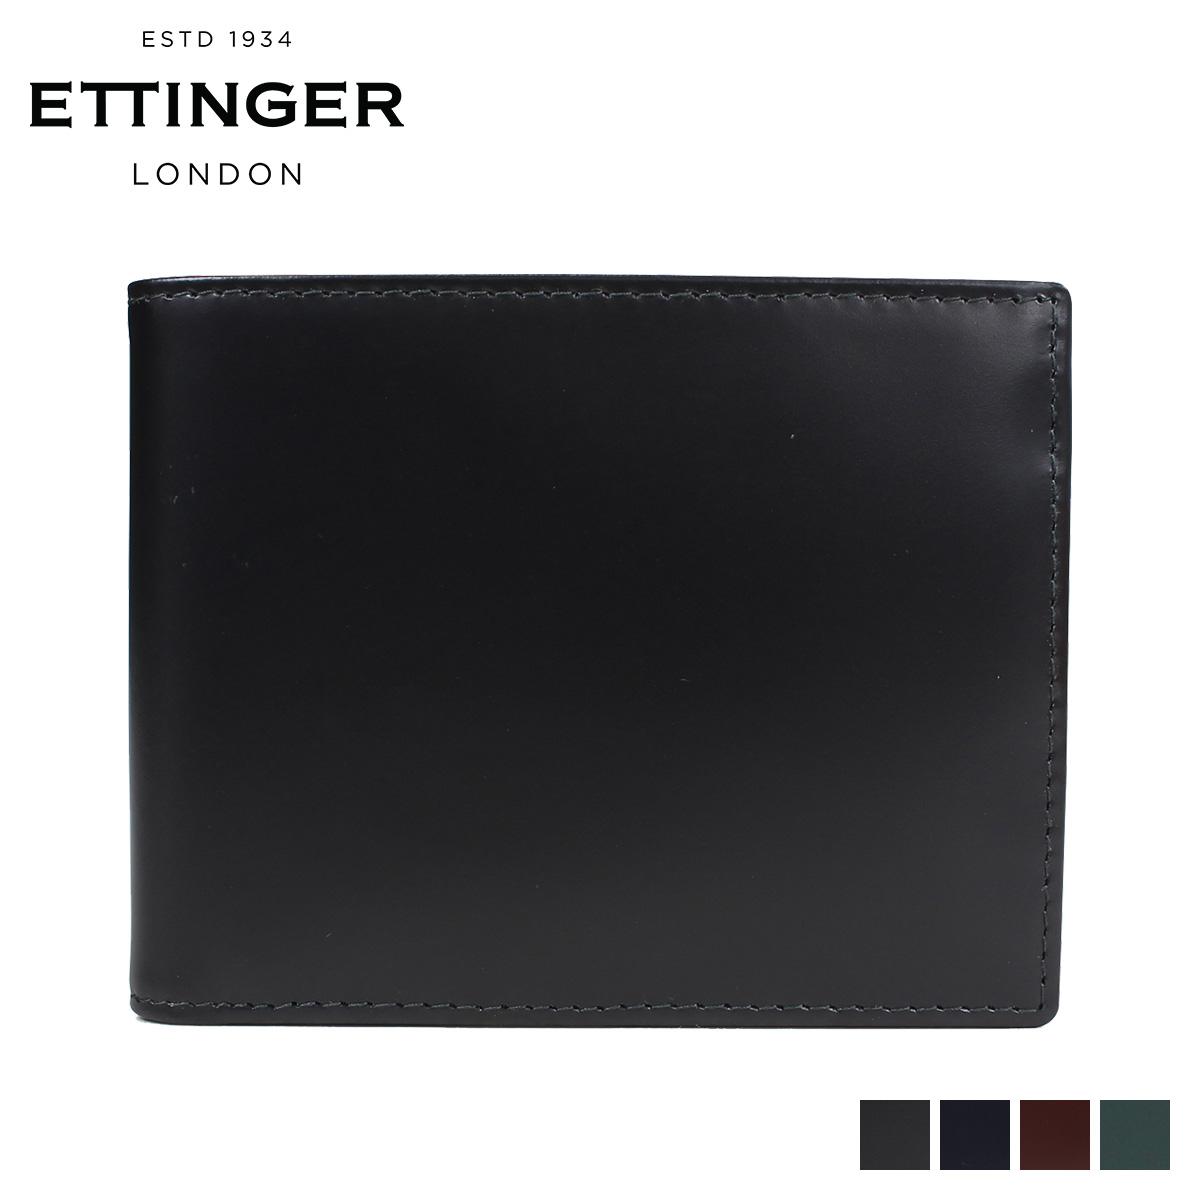 ETTINGER エッティンガー 財布 二つ折り メンズ BRIDLE BILLFOLD WITH 3 C/C & PURSE ブラック ネイビー ブラウン グリーン 黒 BH141JR [3/12 再入荷]